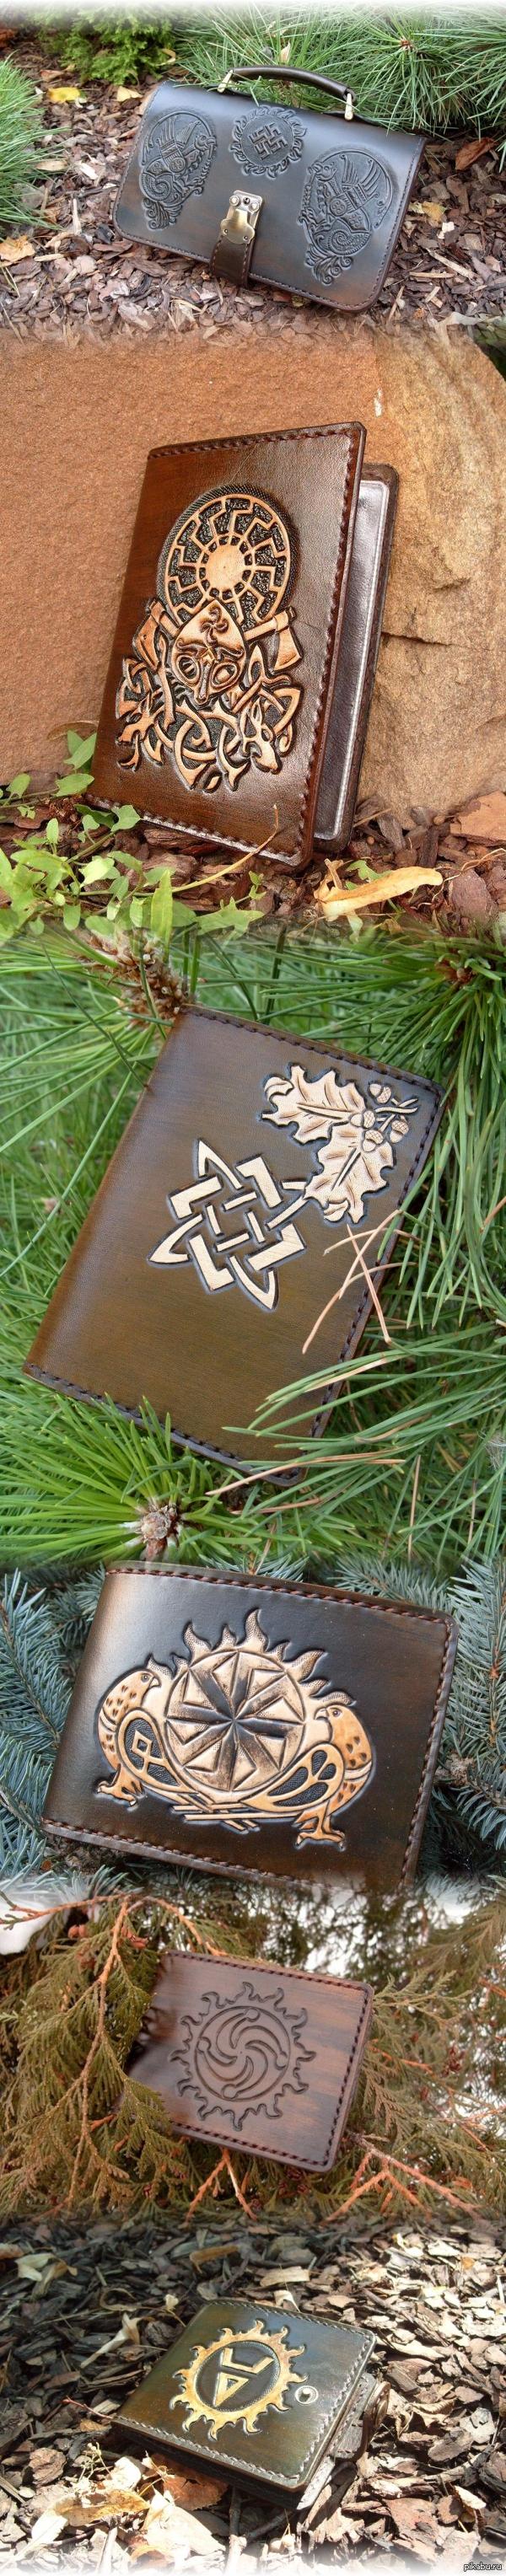 Славянские символы - моя ручная работа ...символика...что в этих черточках заключено?...заповеди предков, зов вселенной, обережность, веяние моды, хорошее, плохое но...каждый находит что то своё...